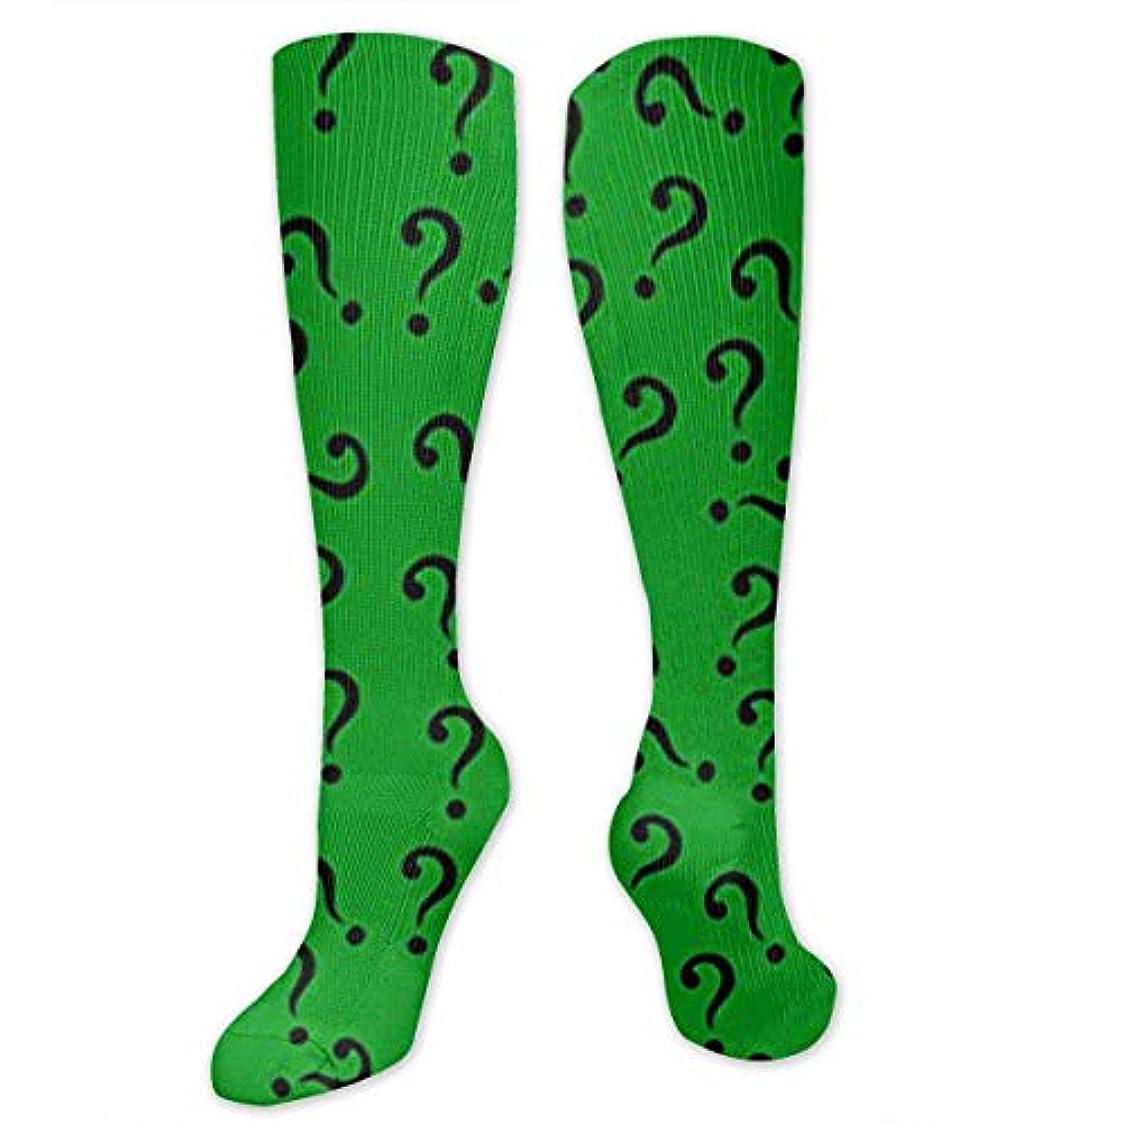 ひらめき競うピット靴下,ストッキング,野生のジョーカー,実際,秋の本質,冬必須,サマーウェア&RBXAA Question Mark in Green Socks Women's Winter Cotton Long Tube Socks...